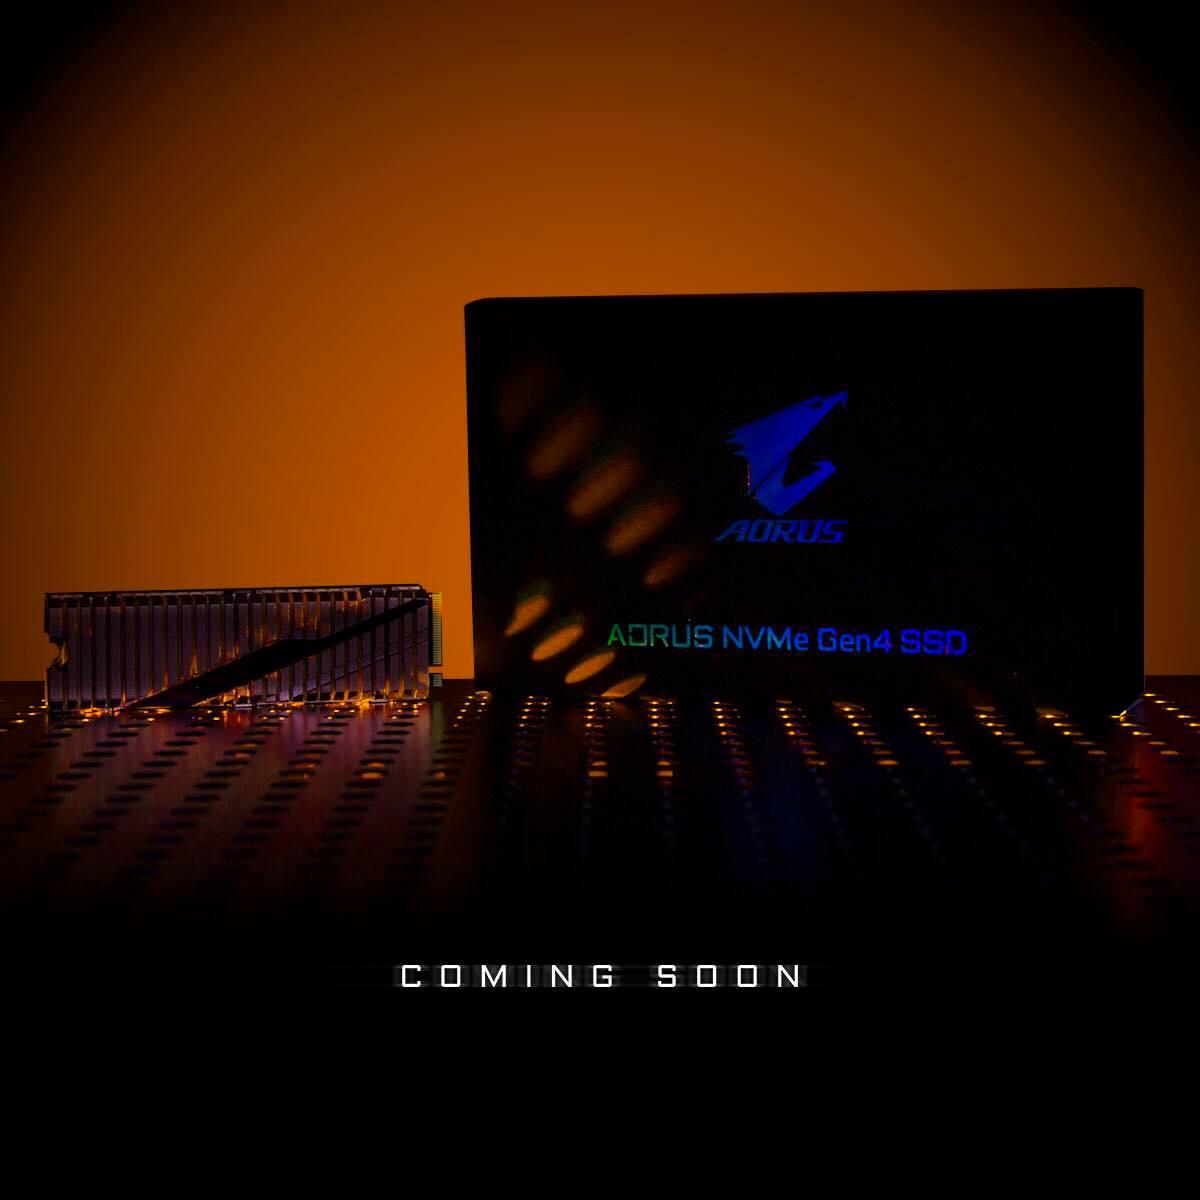 AORUS NVMe Gen4 SSD M.2 PCIe 4.0